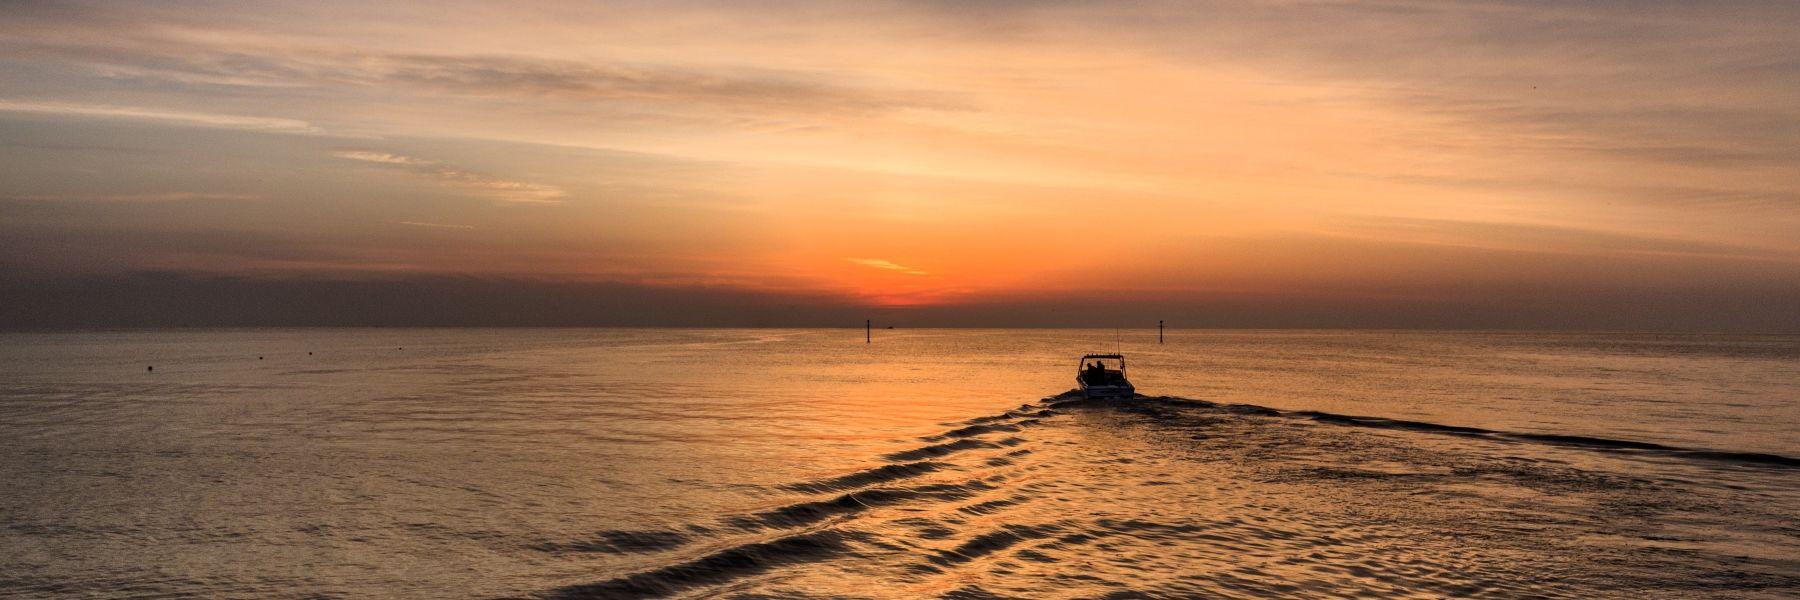 Un'alba in riva al mare con peschereccio - DE